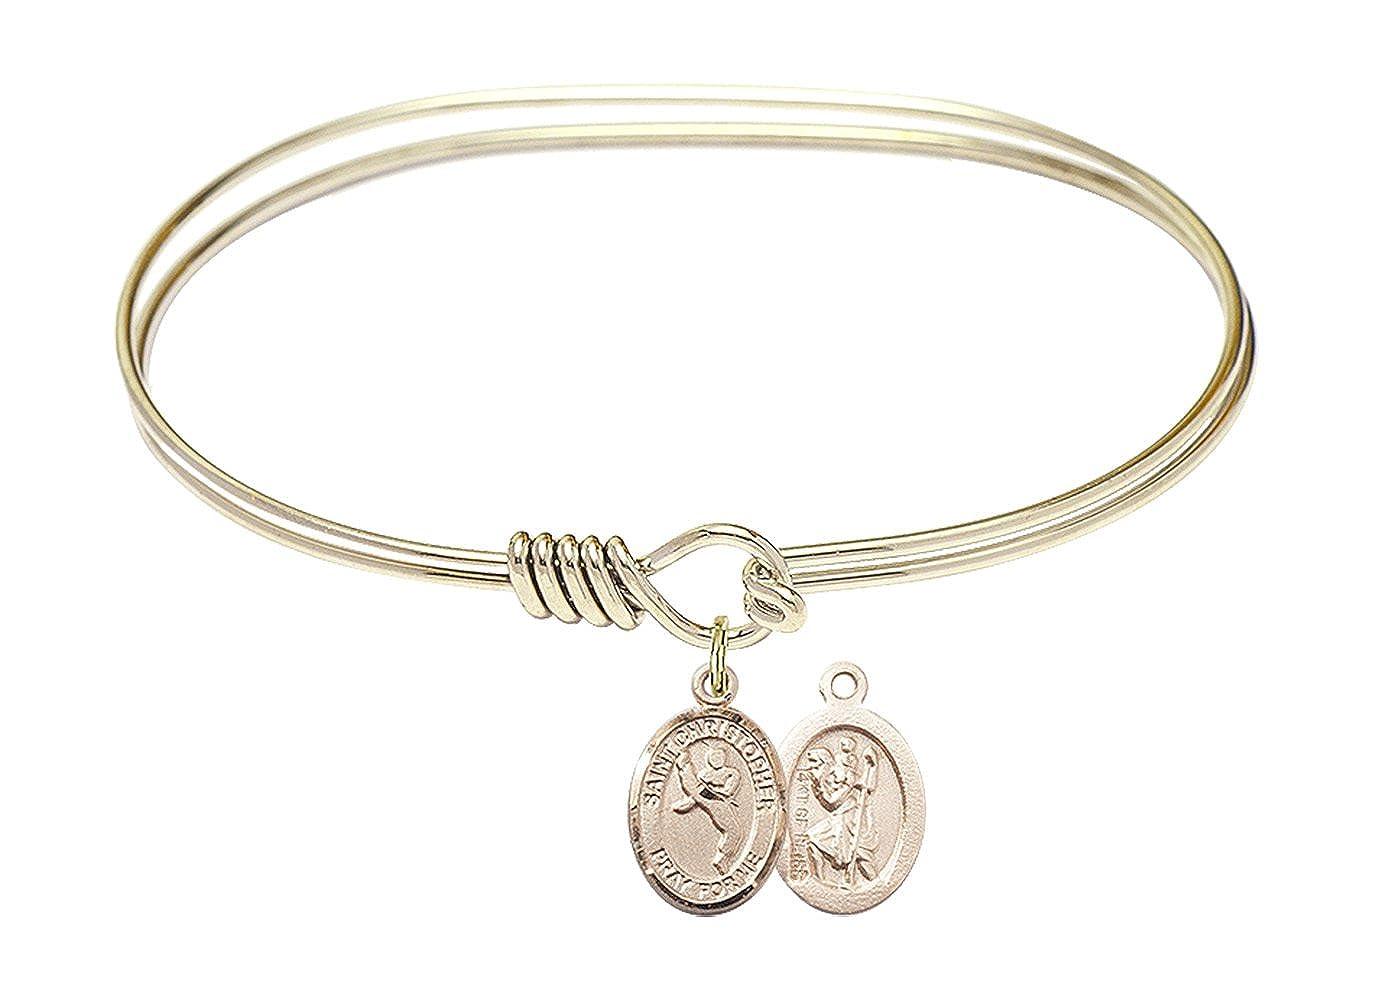 Christopher Charm. DiamondJewelryNY Eye Hook Bangle Bracelet with a St